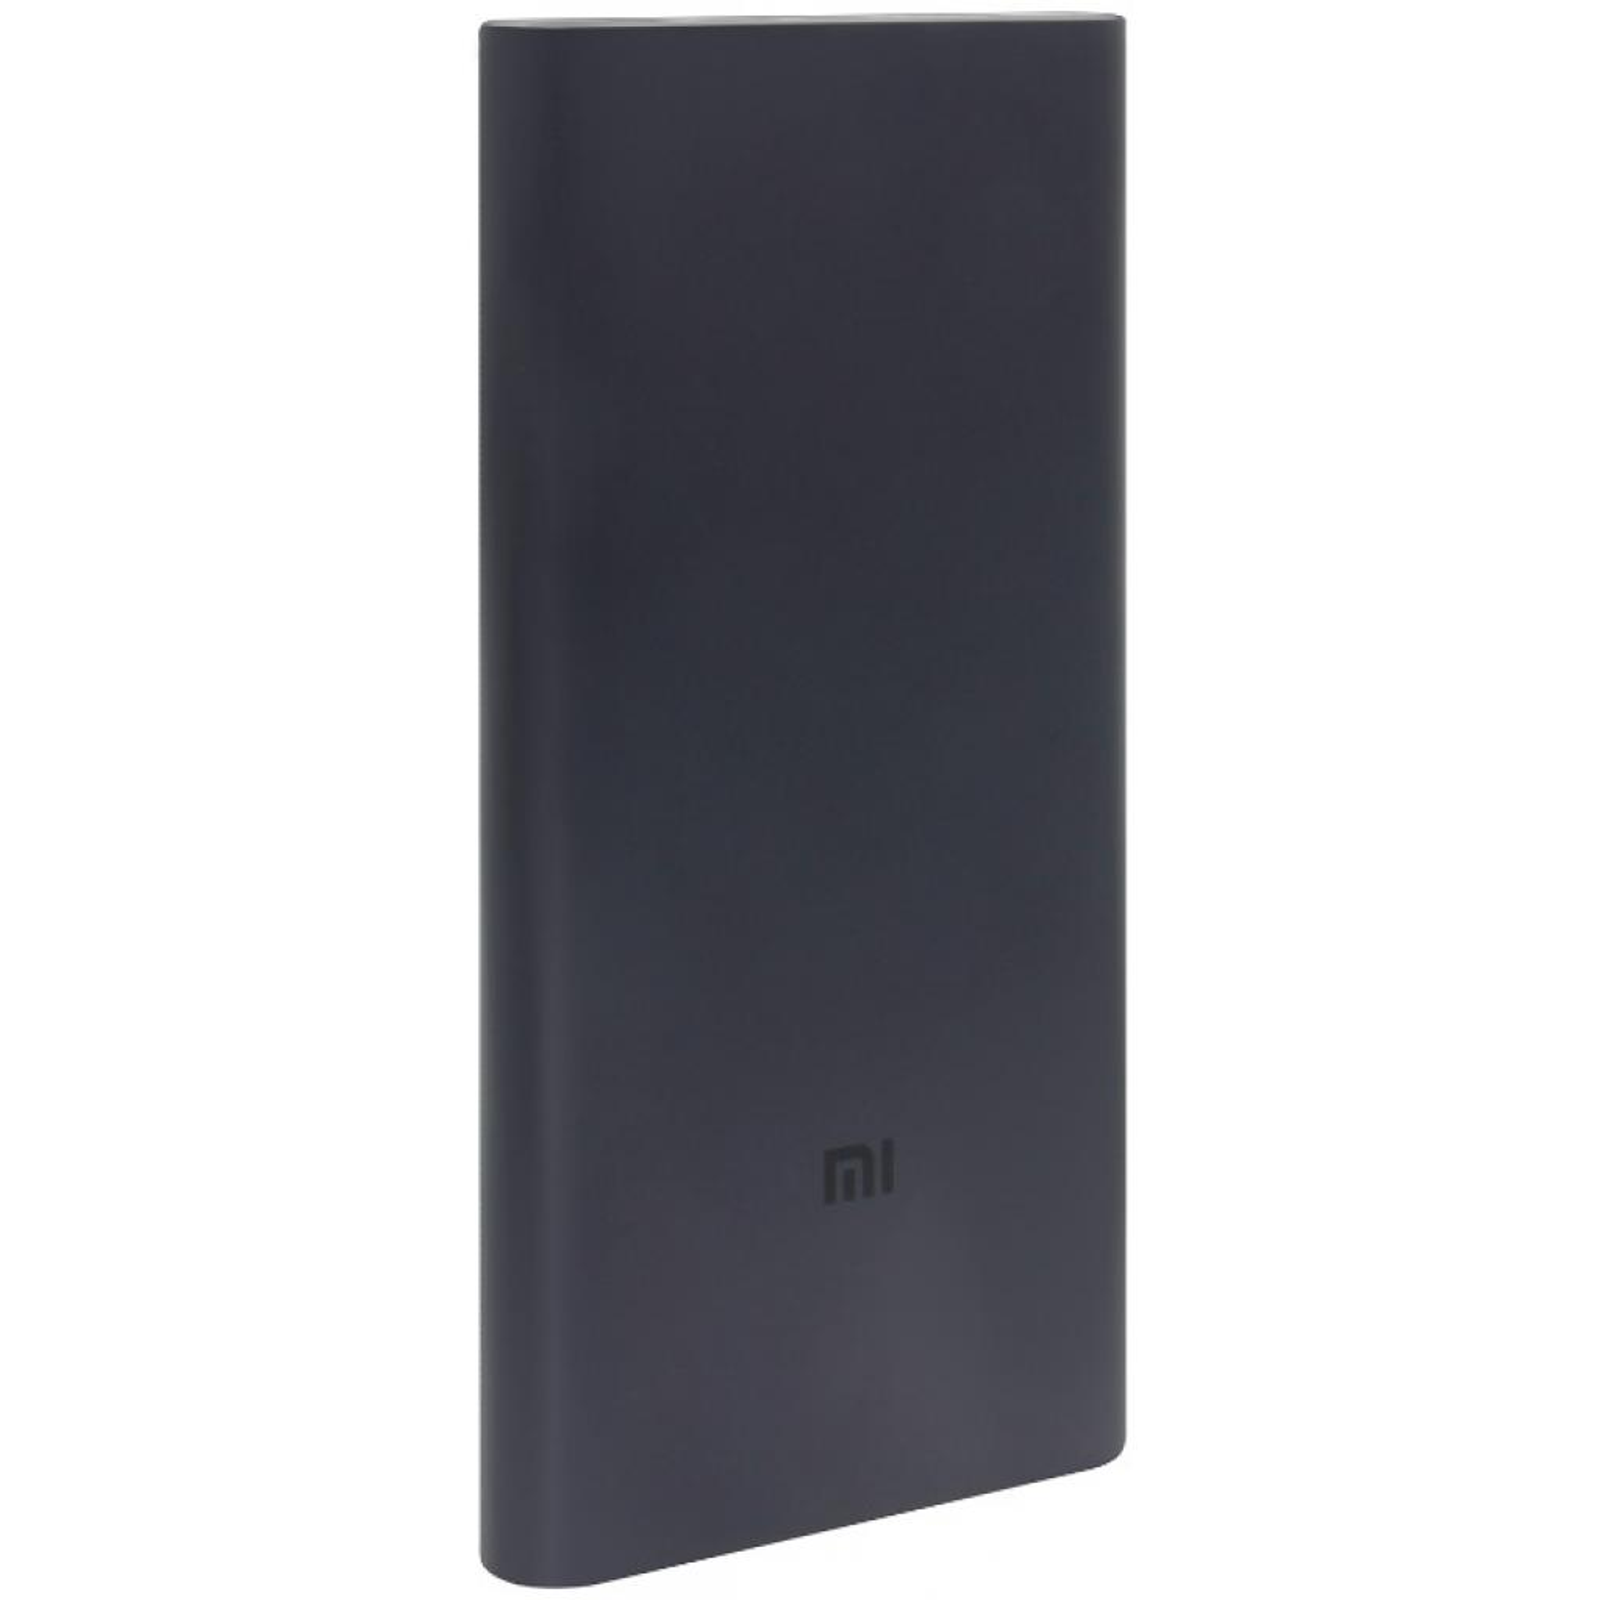 Батарея универсальная Xiaomi Mi Power bank 3 10000mAh QC3.0(Type-C), QC2.0(USB) Black (PLM12ZM-Black) изображение 2